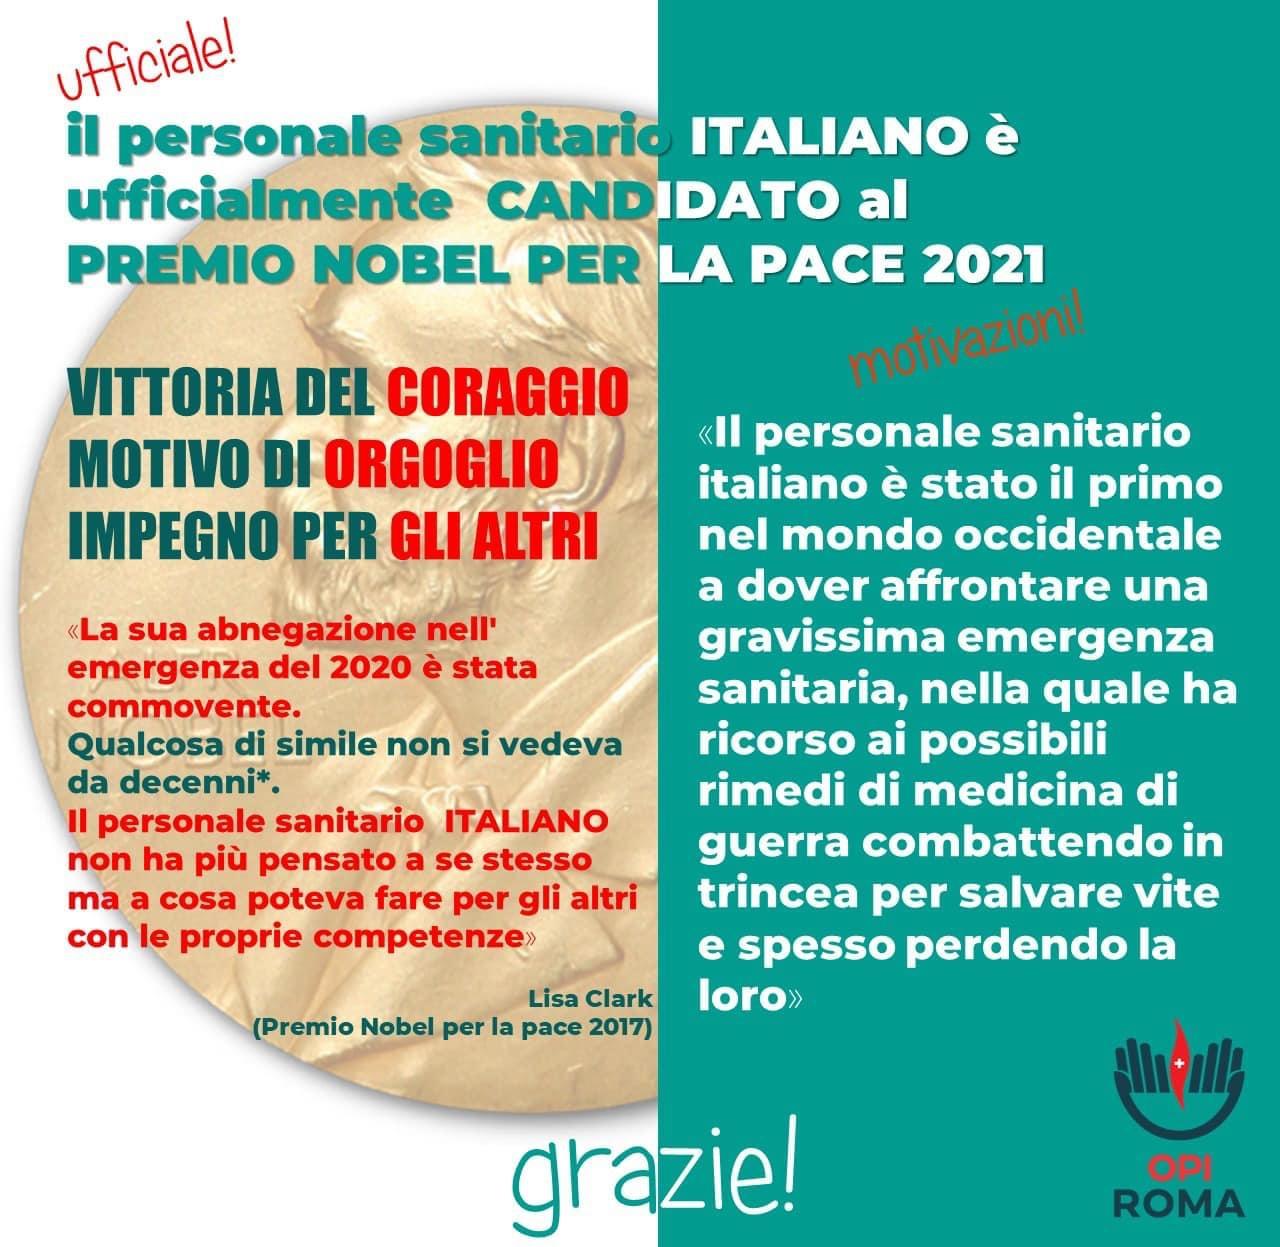 Candidatura ufficiale del personale sanitario italiano al Premio Nobel per la Pace